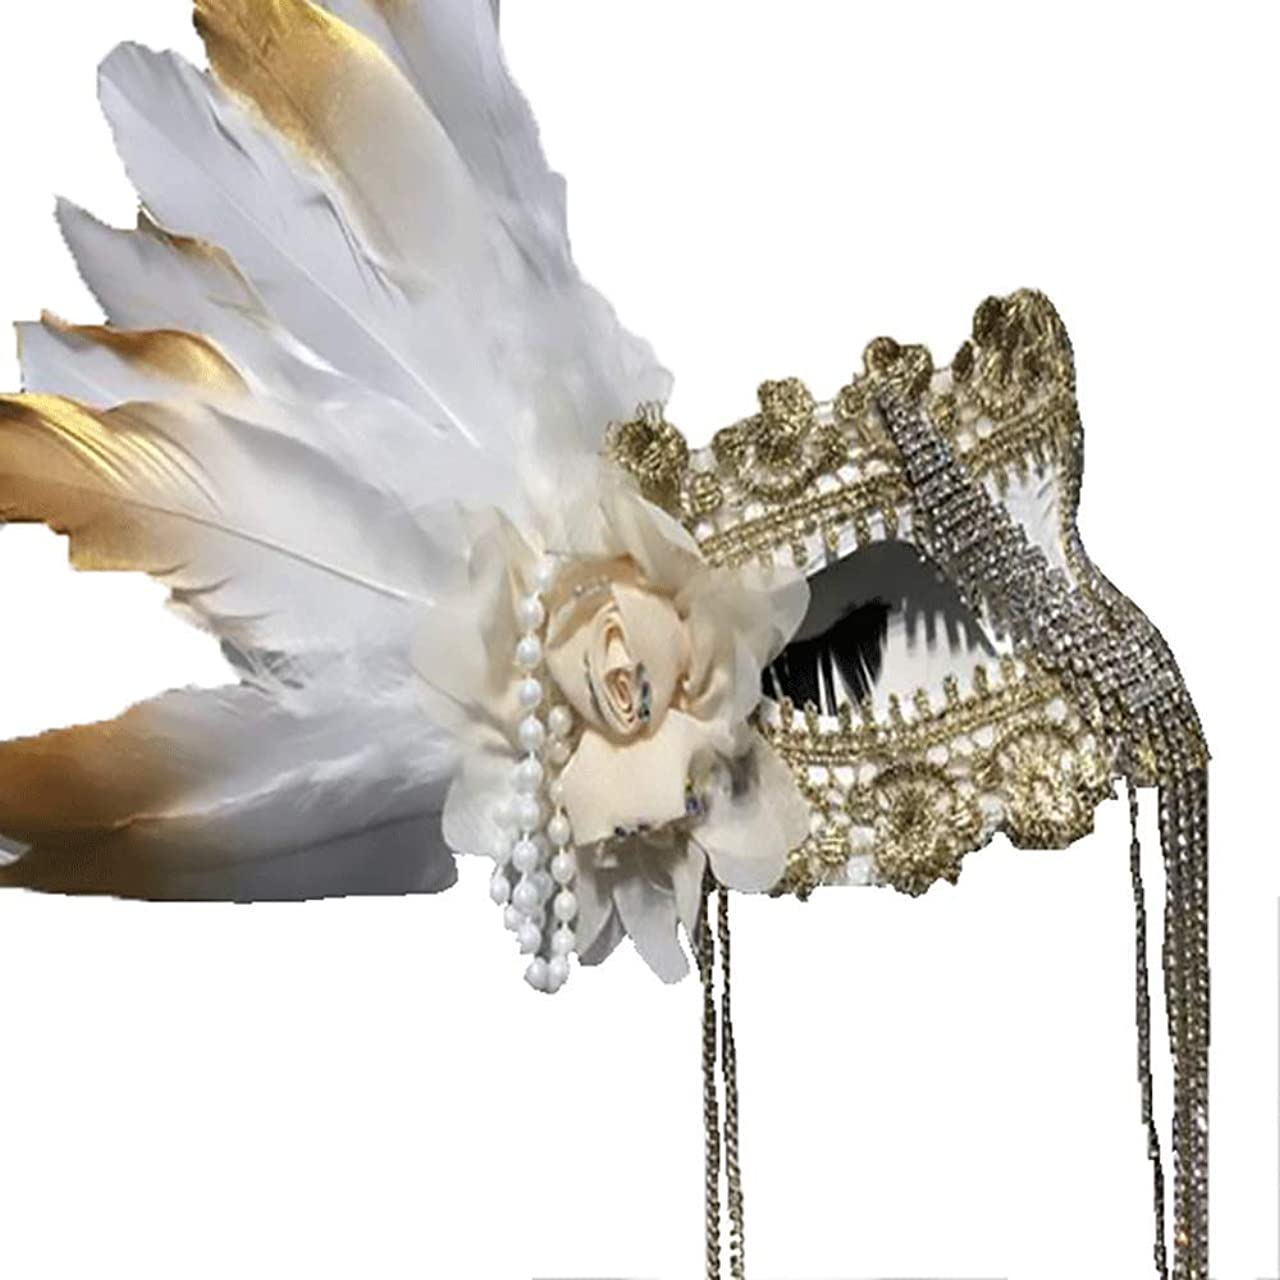 臭い滝マーケティングNanle ハロウィーンのラインストーンフリンジフェザー刺繍花マスク仮装マスクレディミスプリンセス美容祭パーティーデコレーションマスク